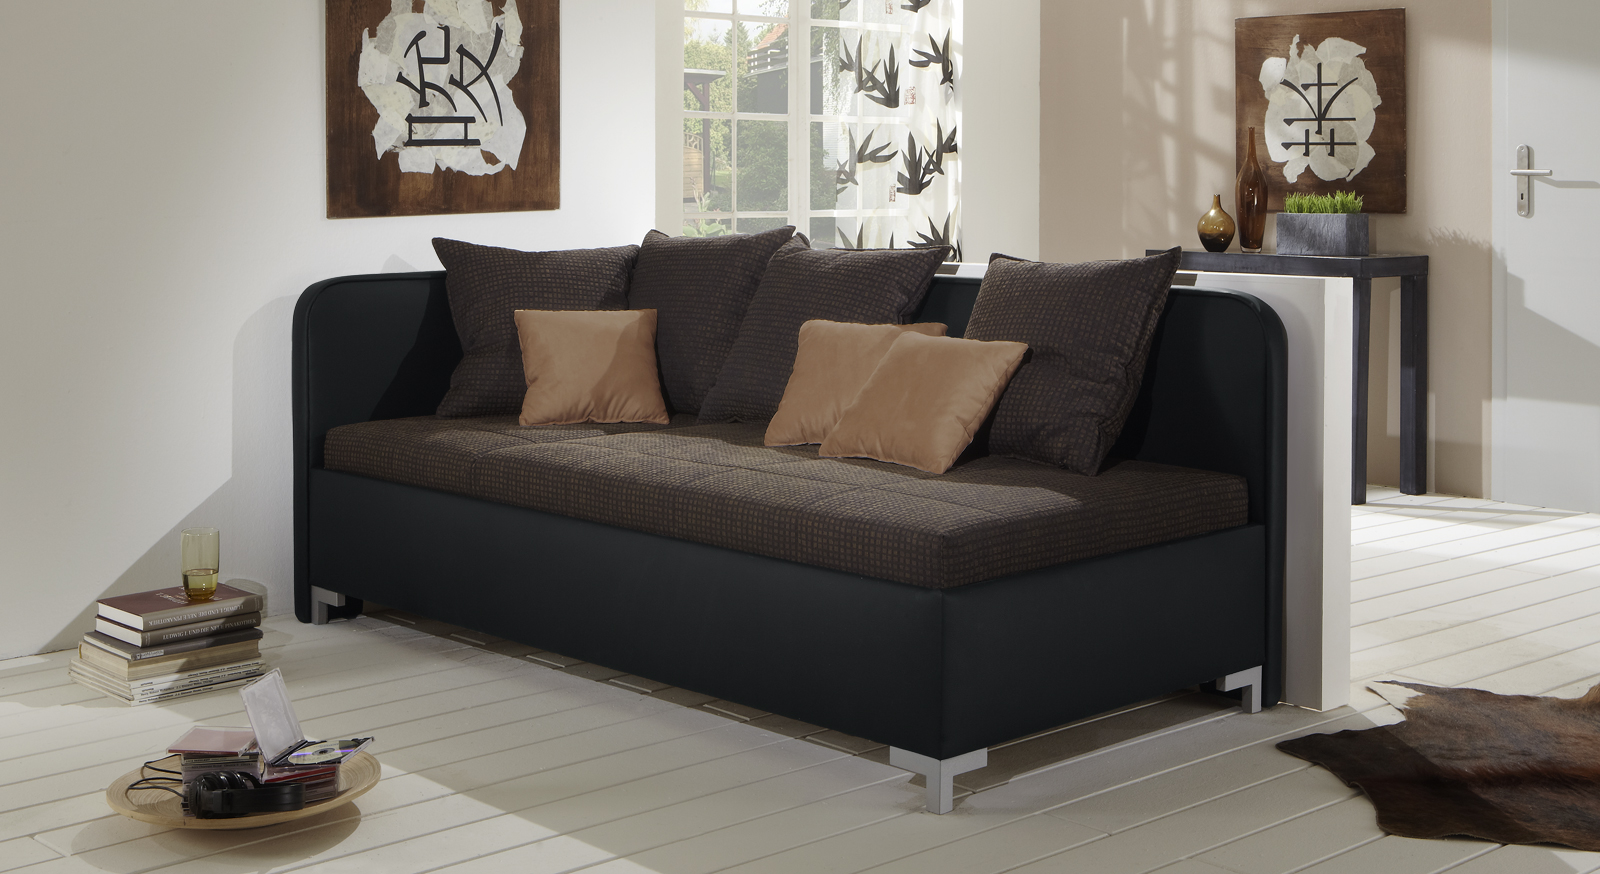 studioliege mit bettkasten z b mit lattenrost matratze. Black Bedroom Furniture Sets. Home Design Ideas